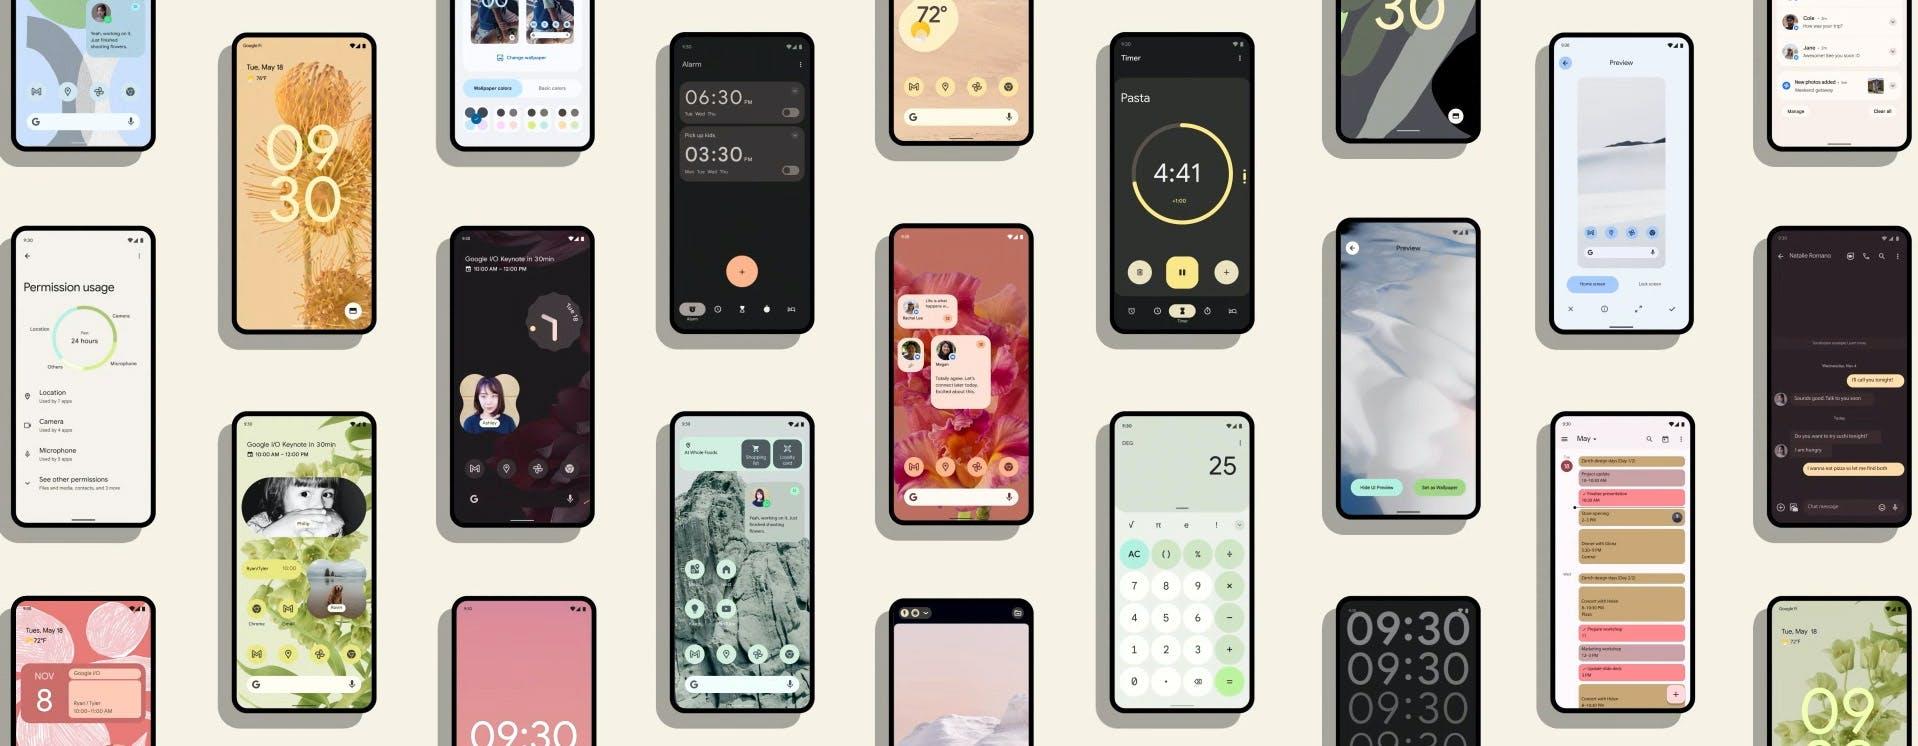 Android 12, la rivoluzione passa dal design. Questo è il vero Android di Google